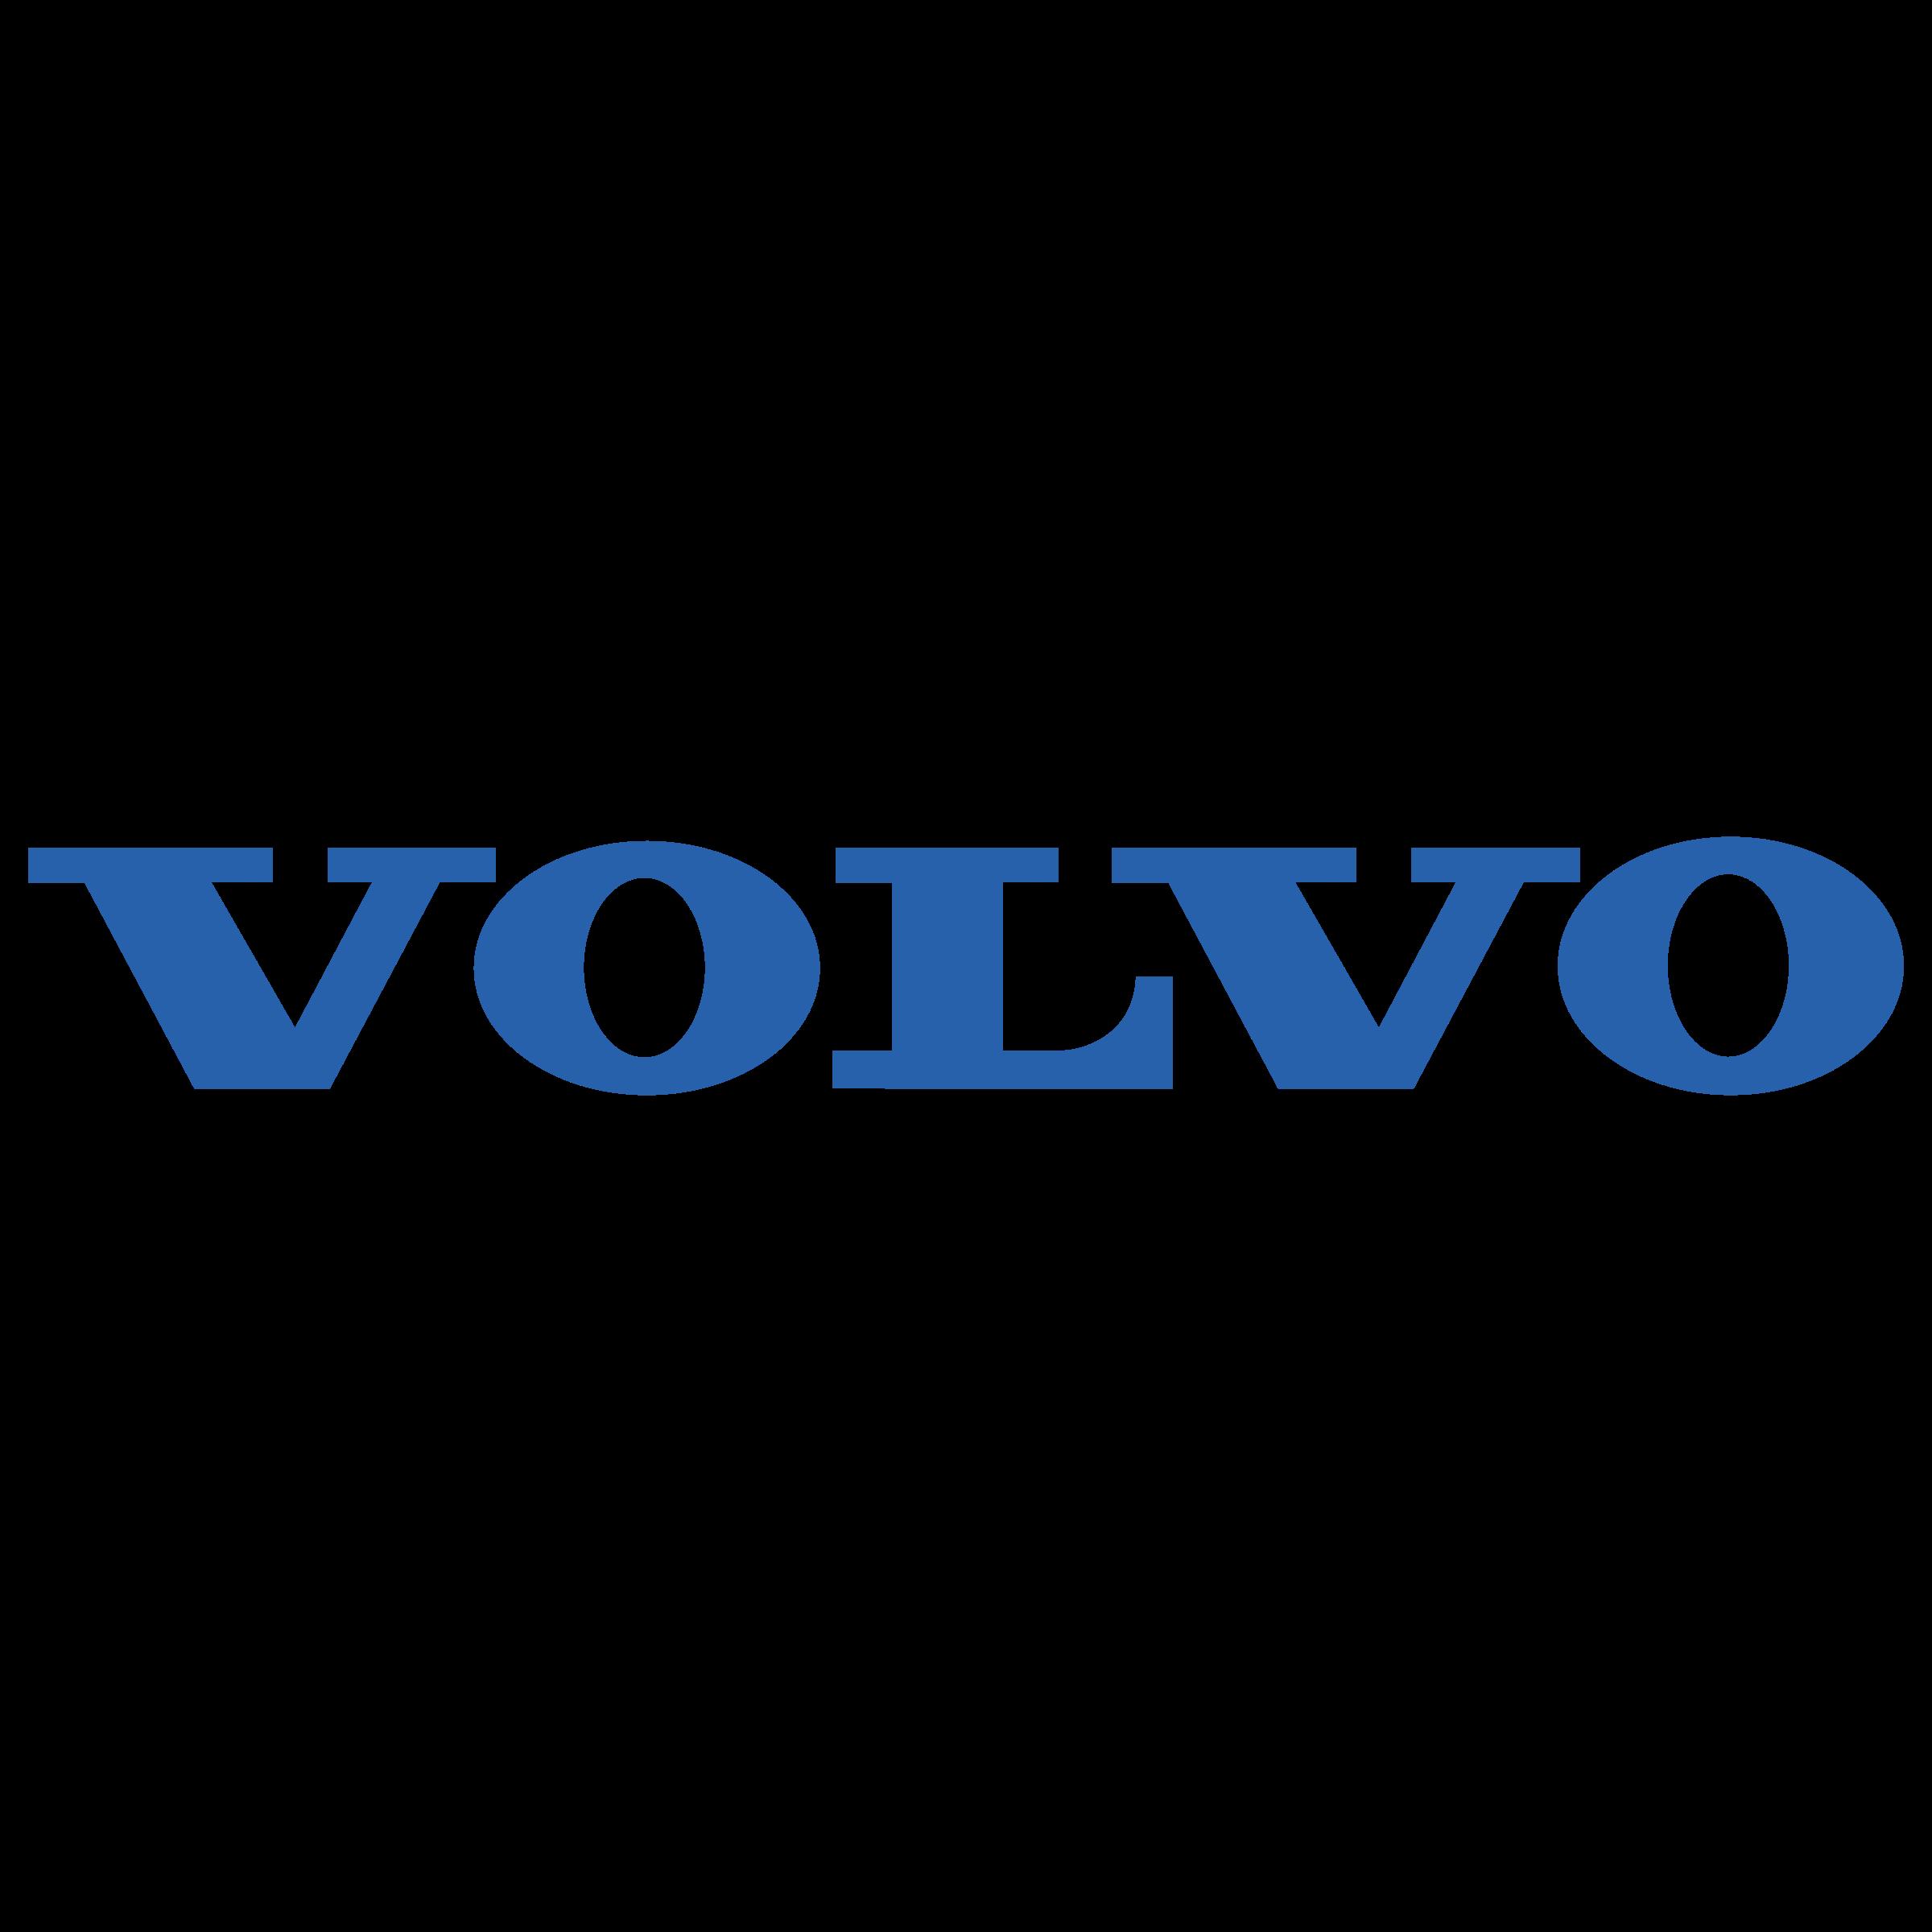 Volvo Logo PNG Transparent & SVG Vector.